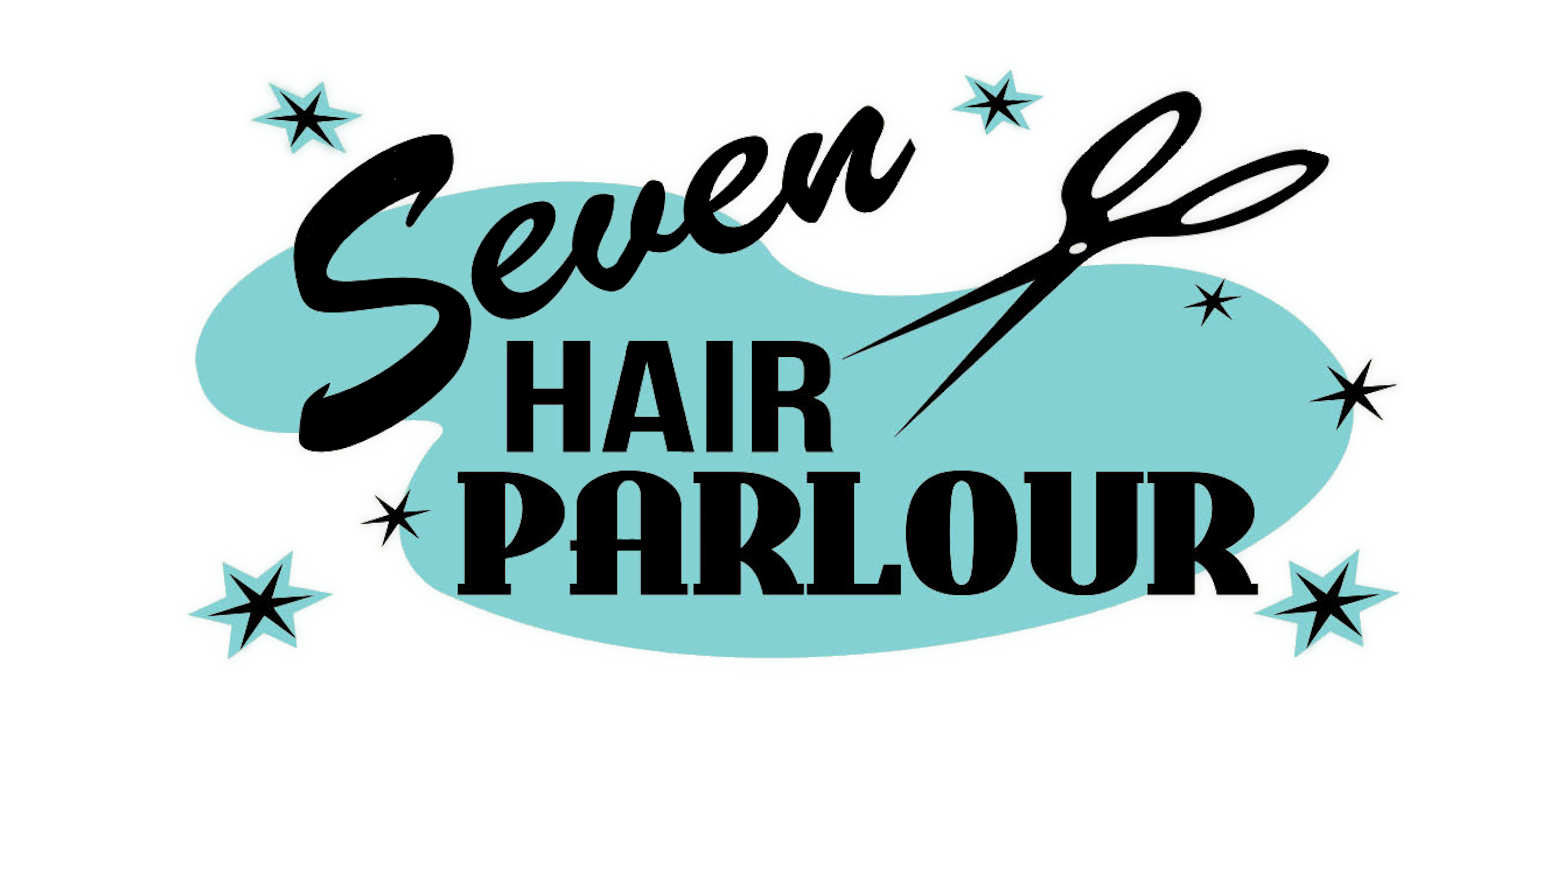 Seven Hair Parlour  Logo